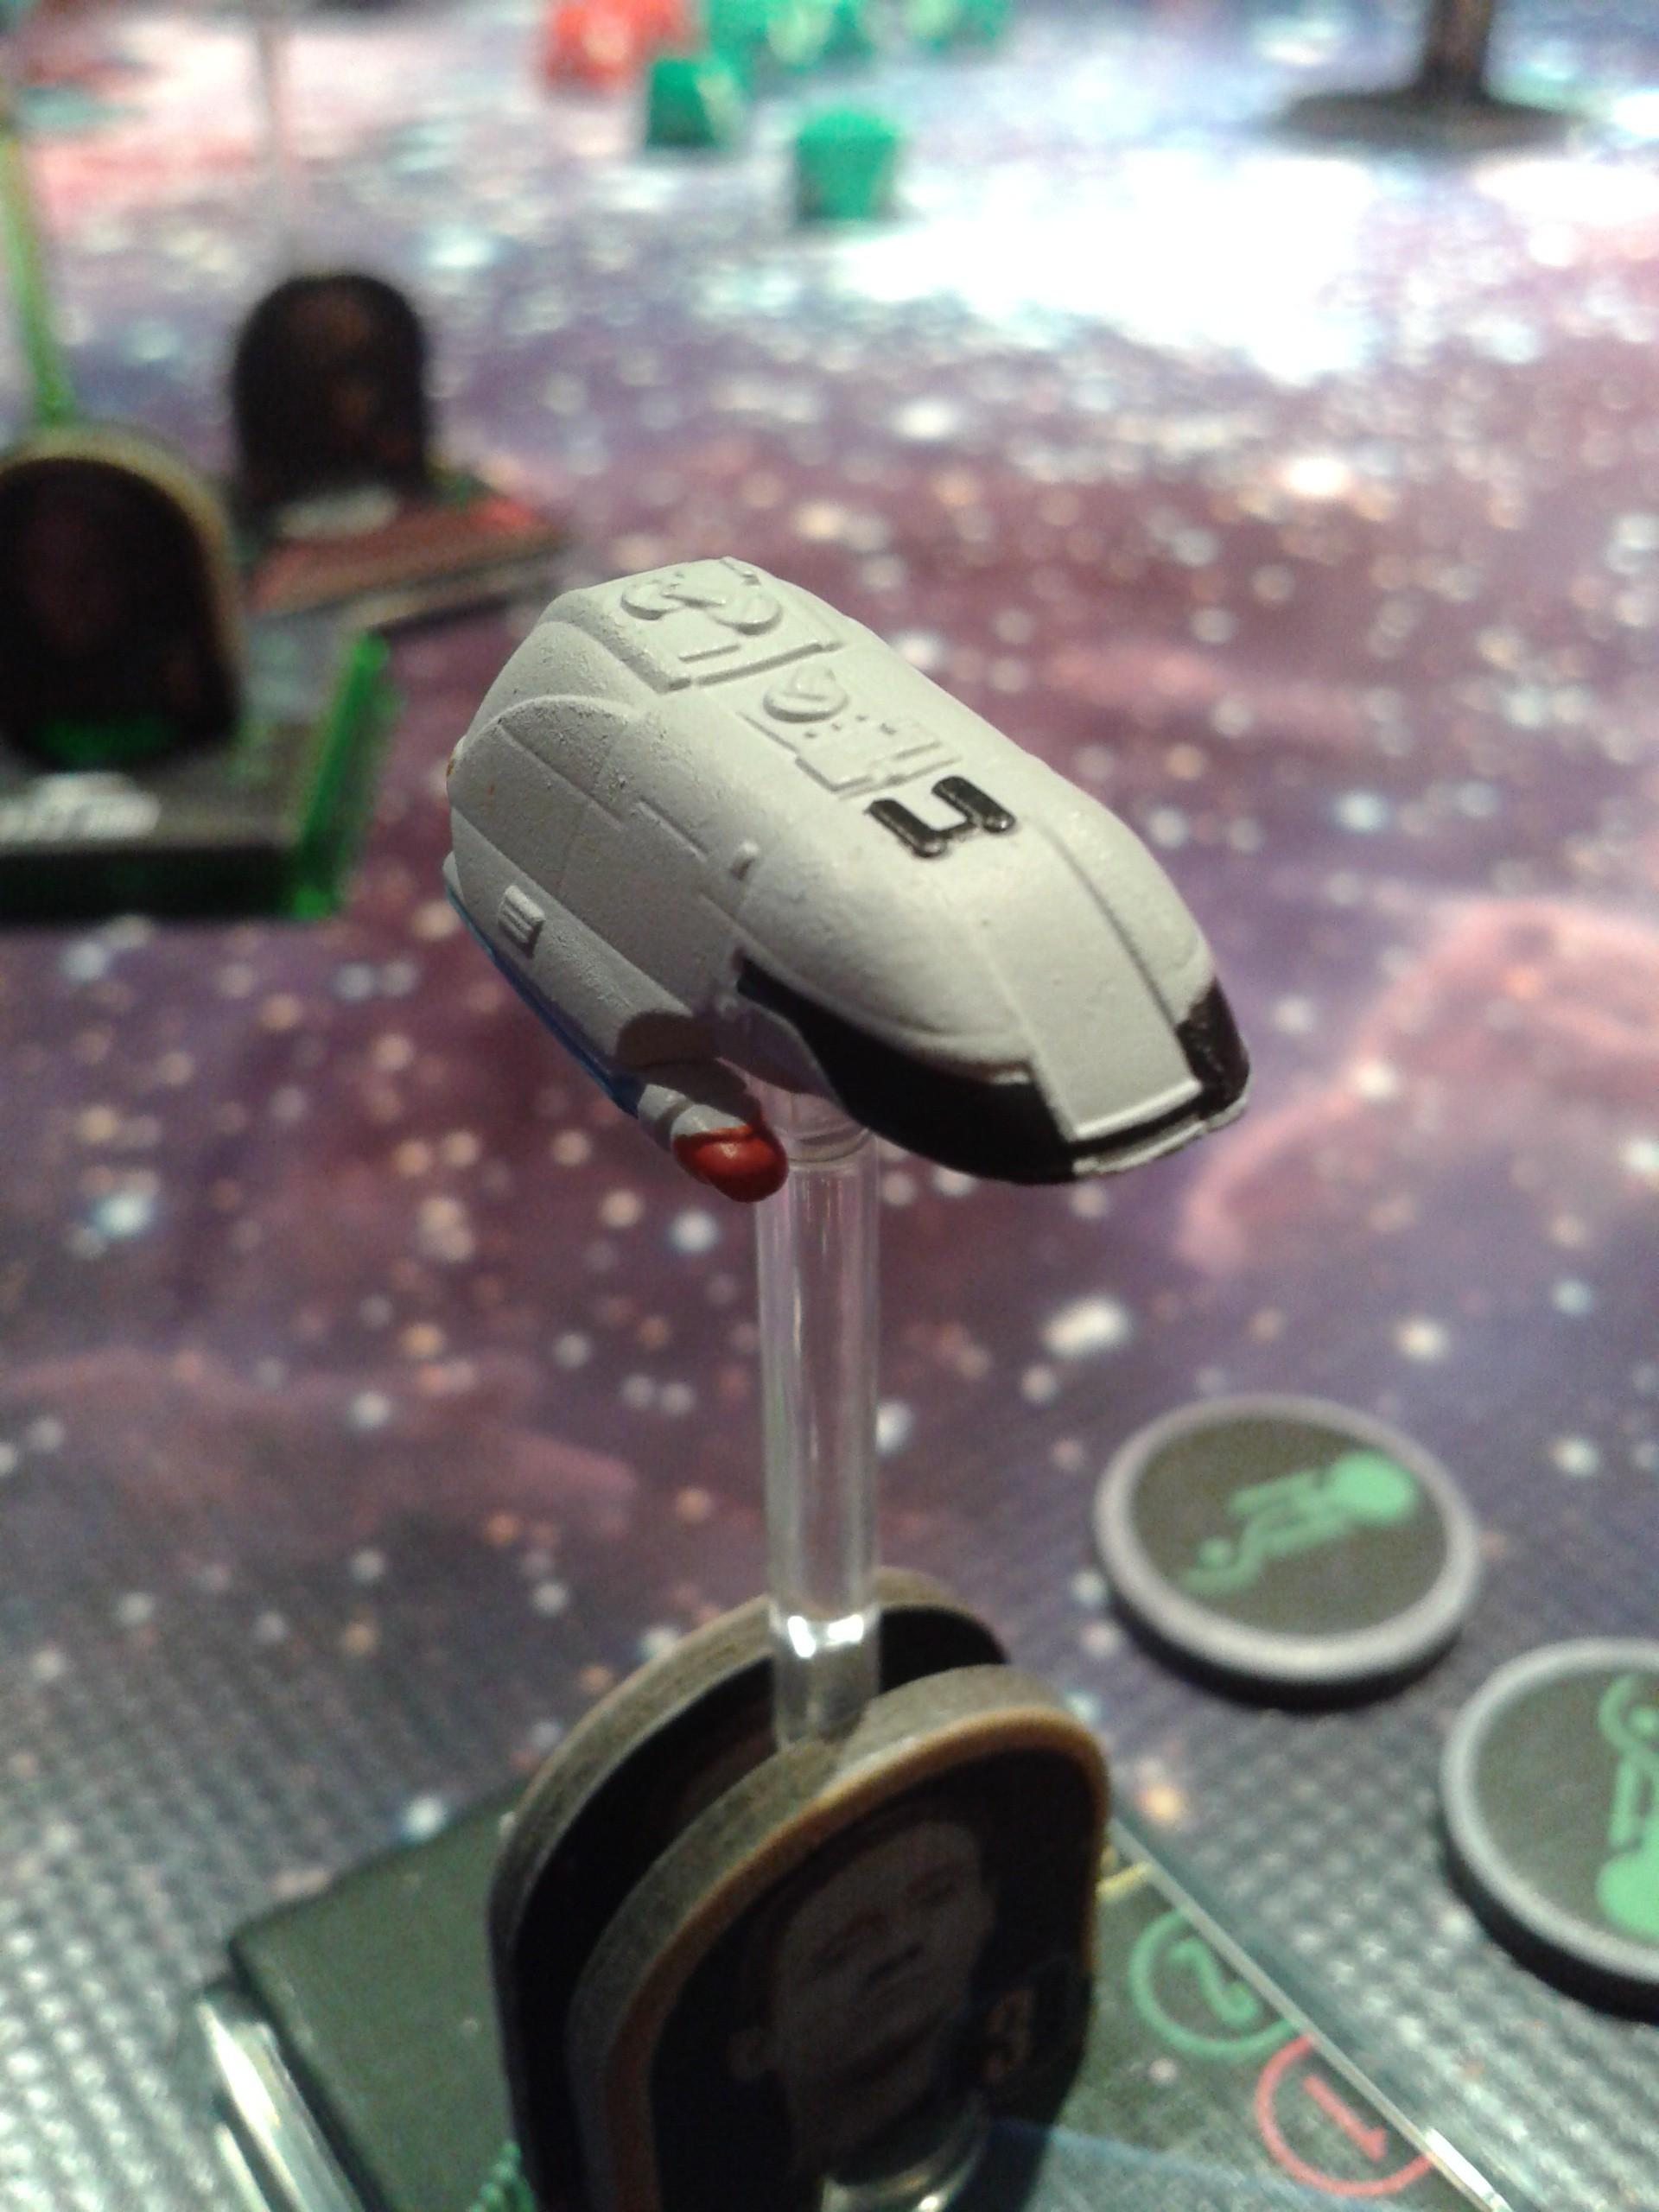 (Star Trek Attack Wing auf) Weiterspielen.net - Seite 6 20150517_212456-e1431974845144